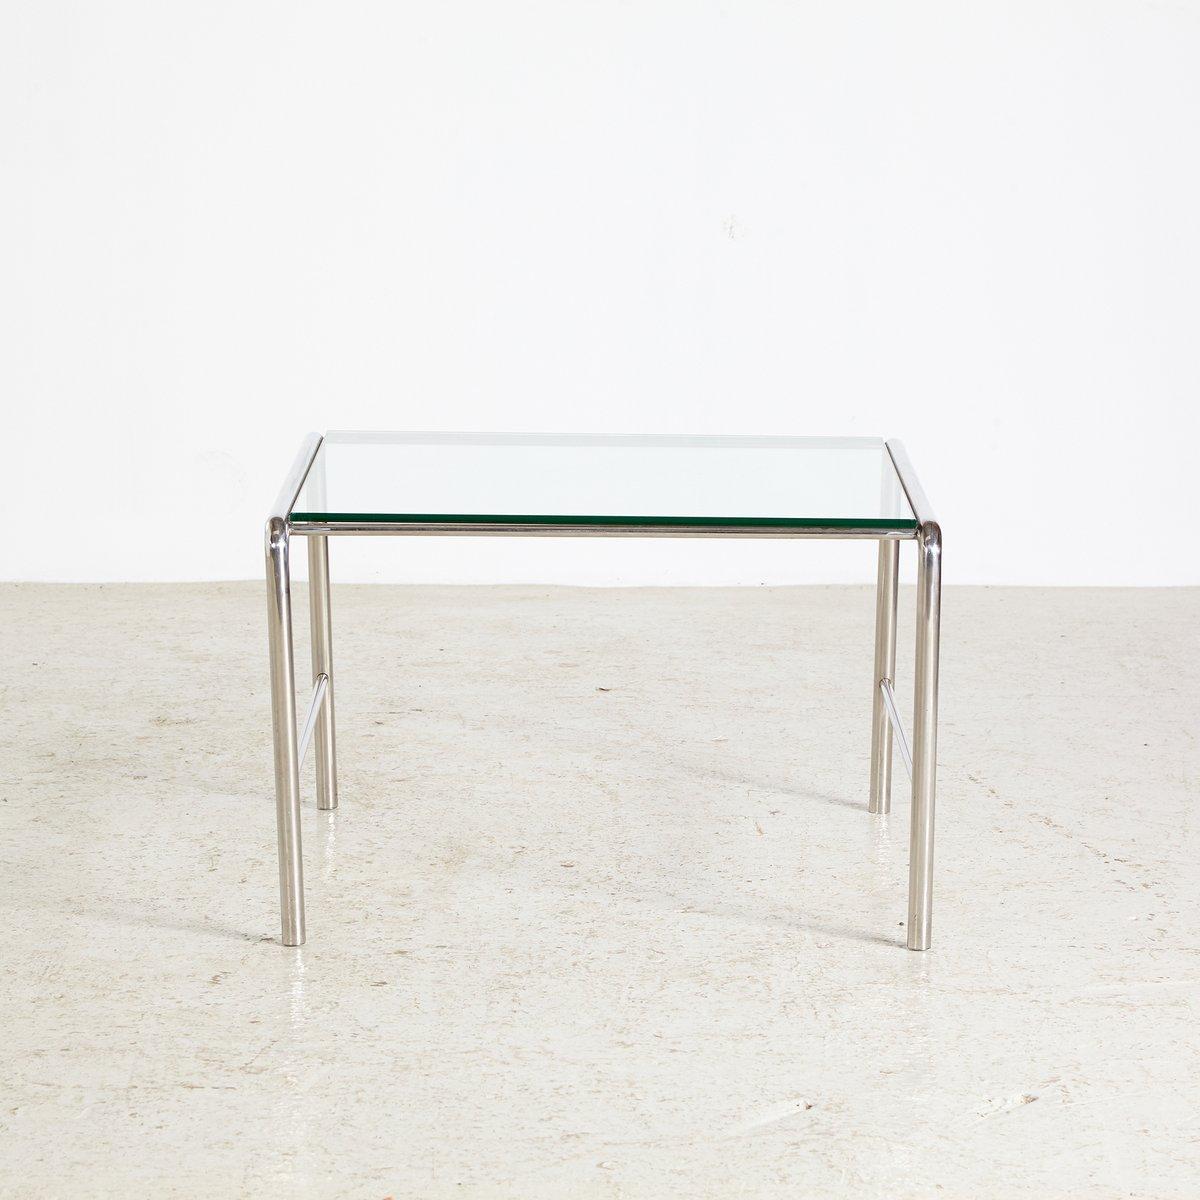 table basse lc3 vintage avec cadre en chrome et plateau en verre par le corbusier pour cassina